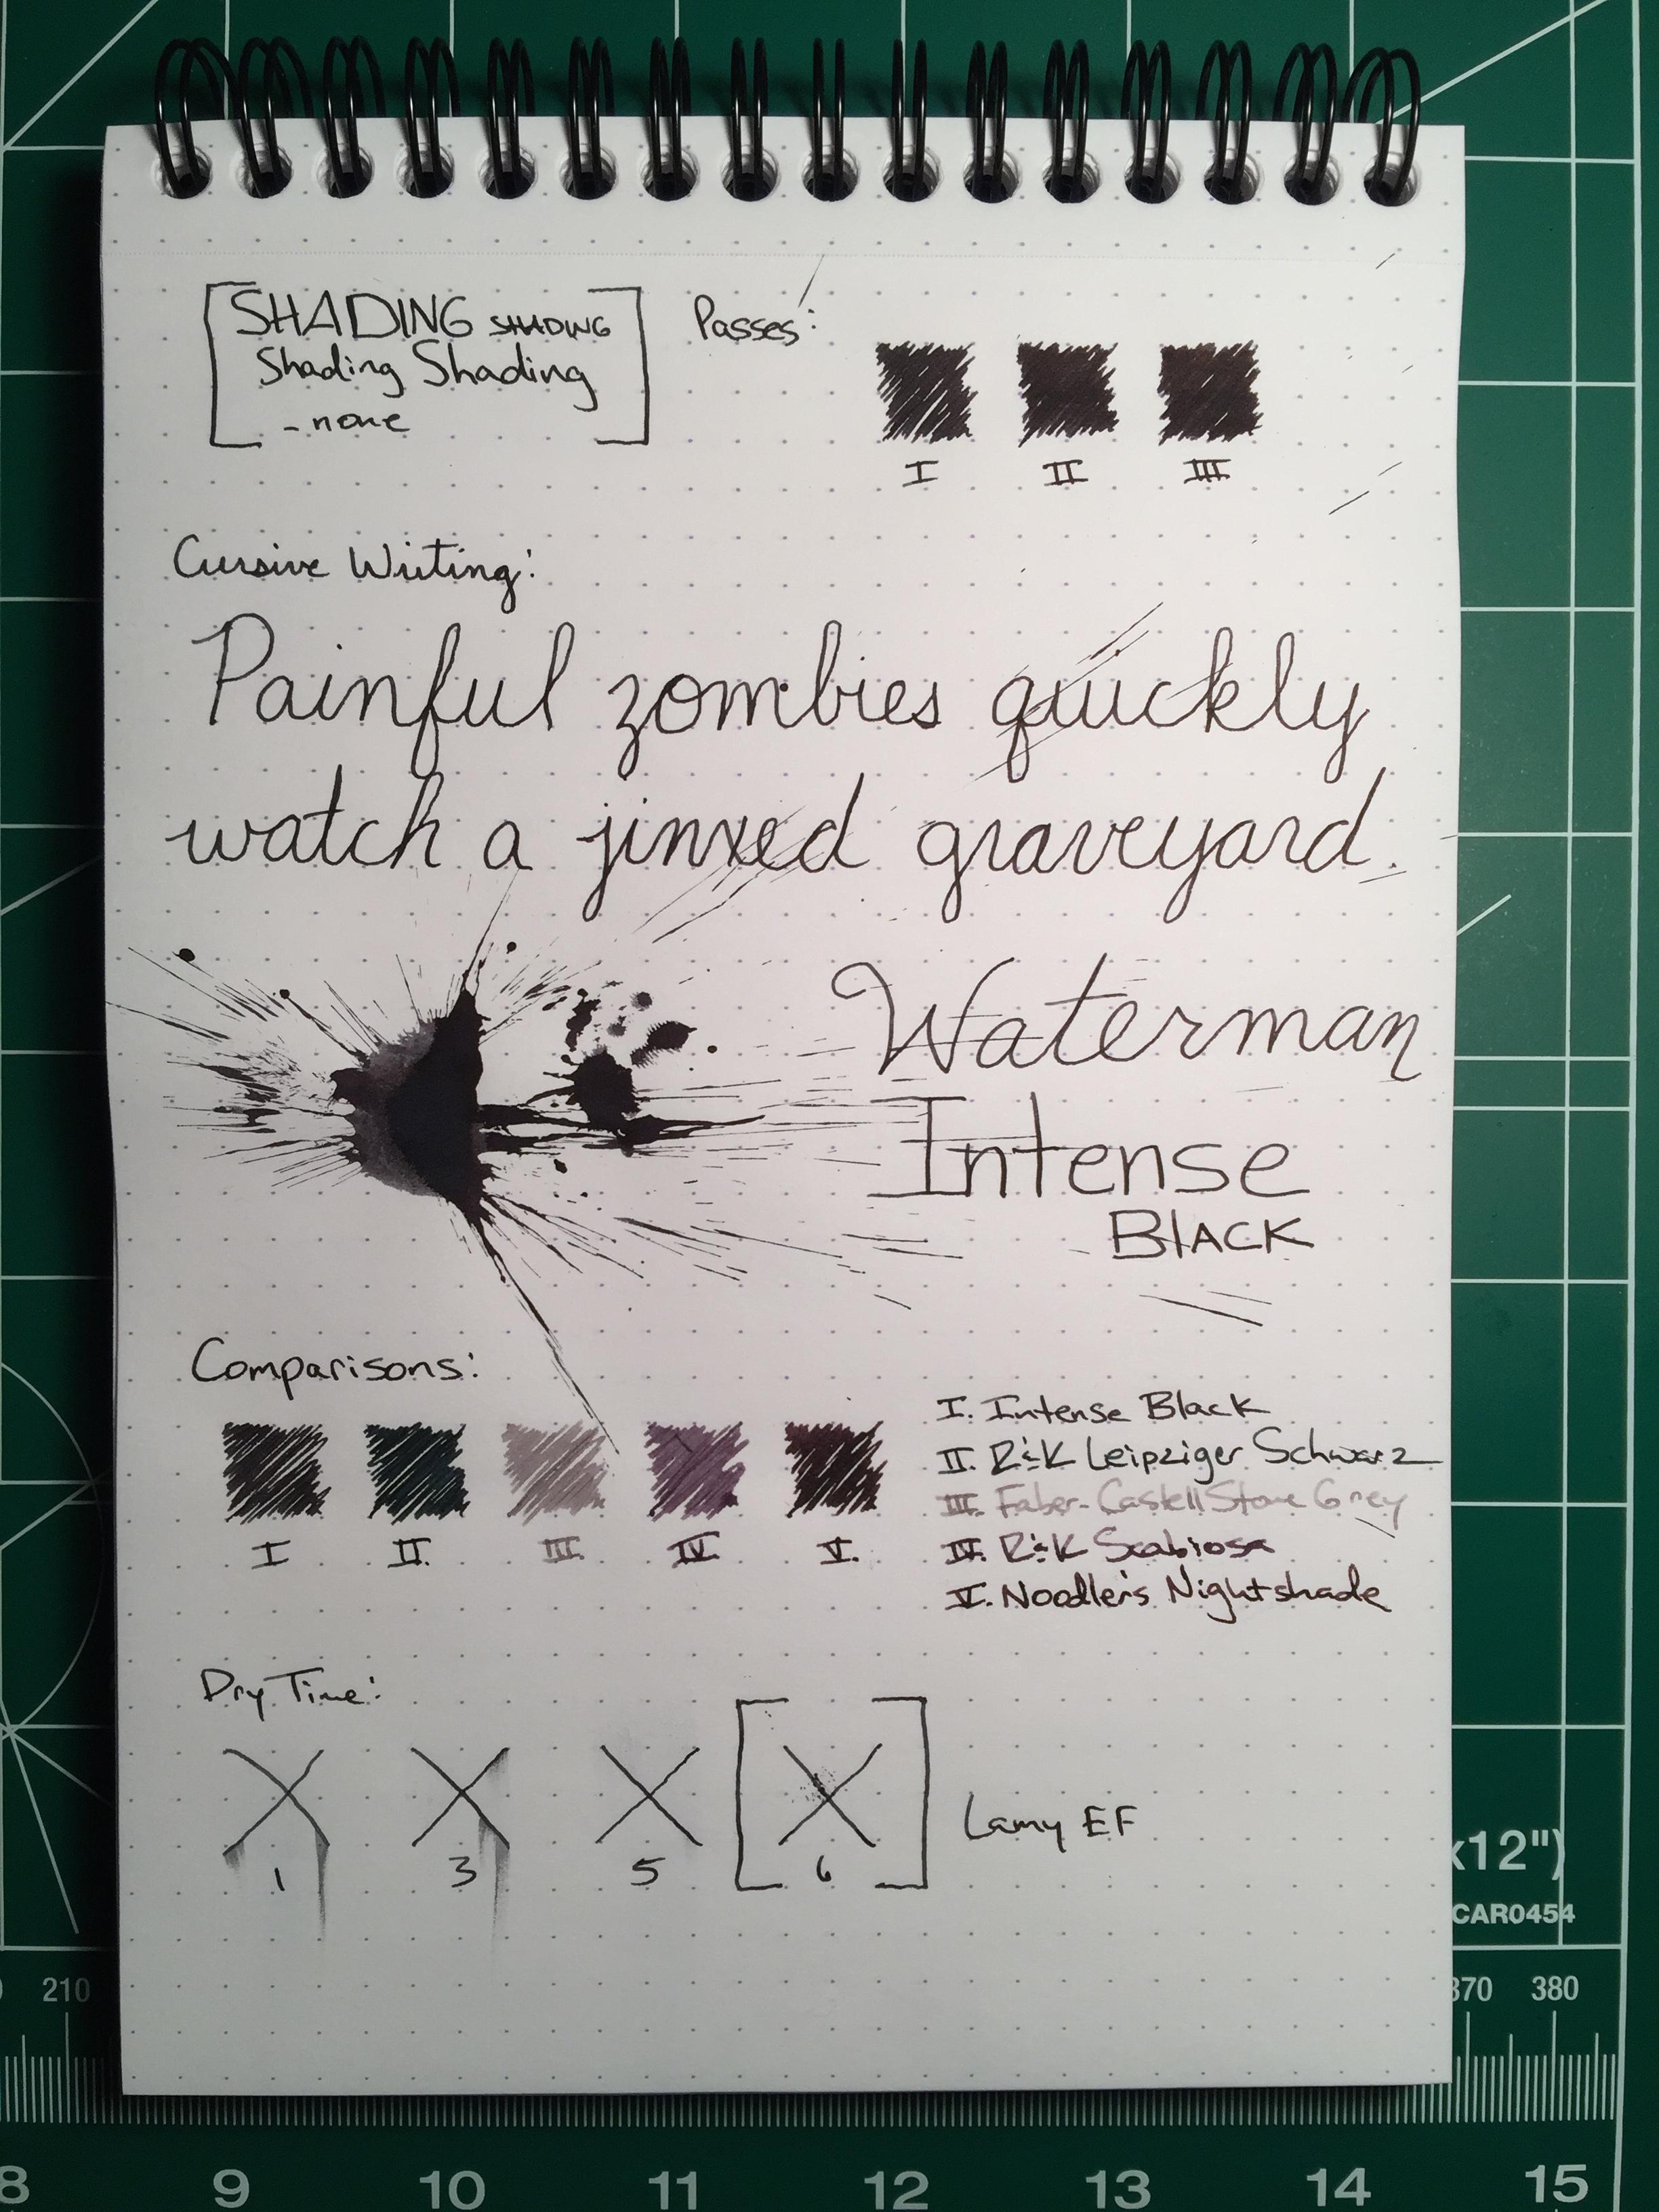 watermanintenseblack-review